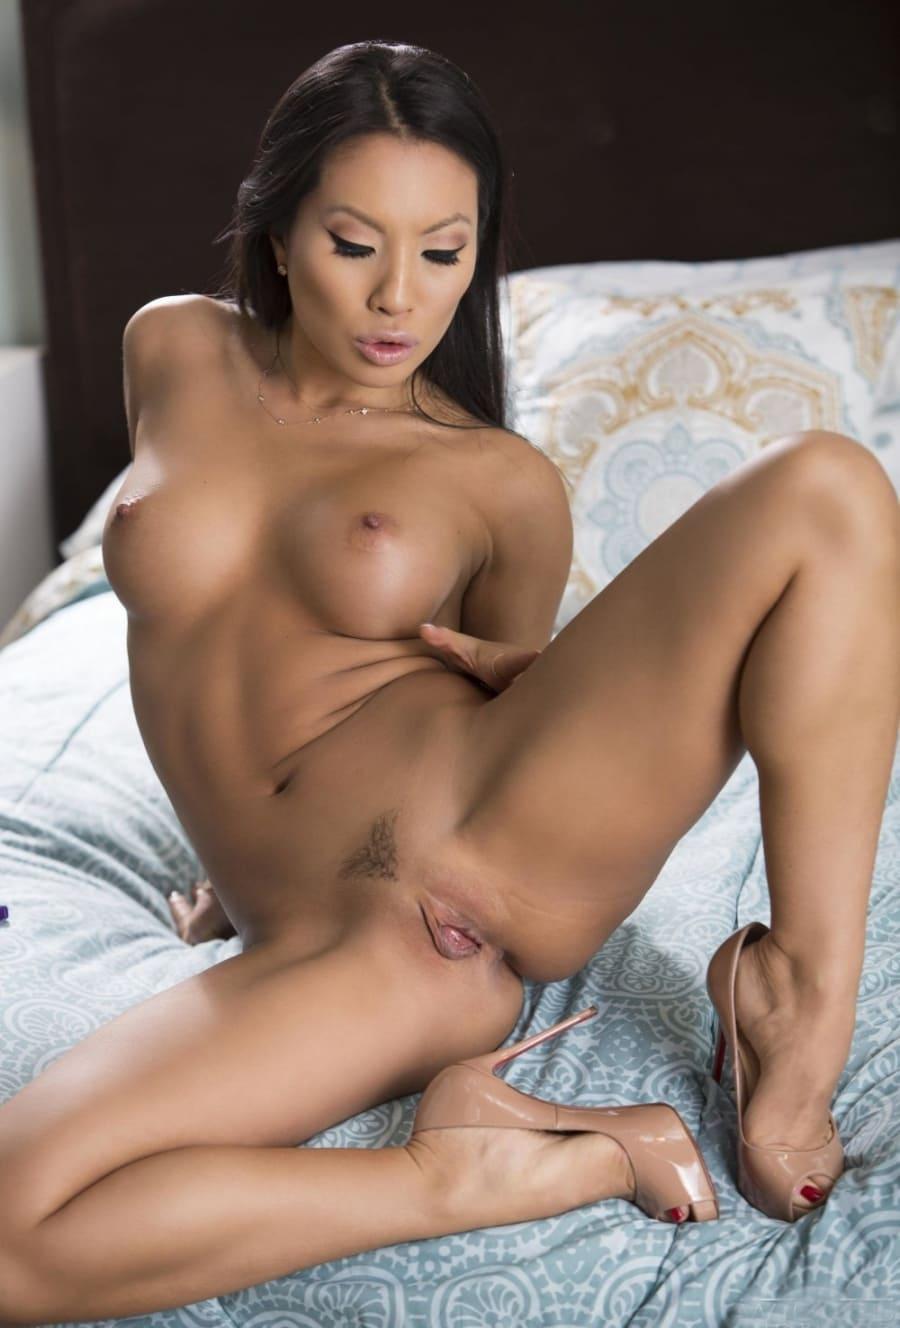 пизда азиатки зрелой сидит на кровати раздвинула ноги в туфлях на каблуке, интимная стрижка, длинные прямые волосы